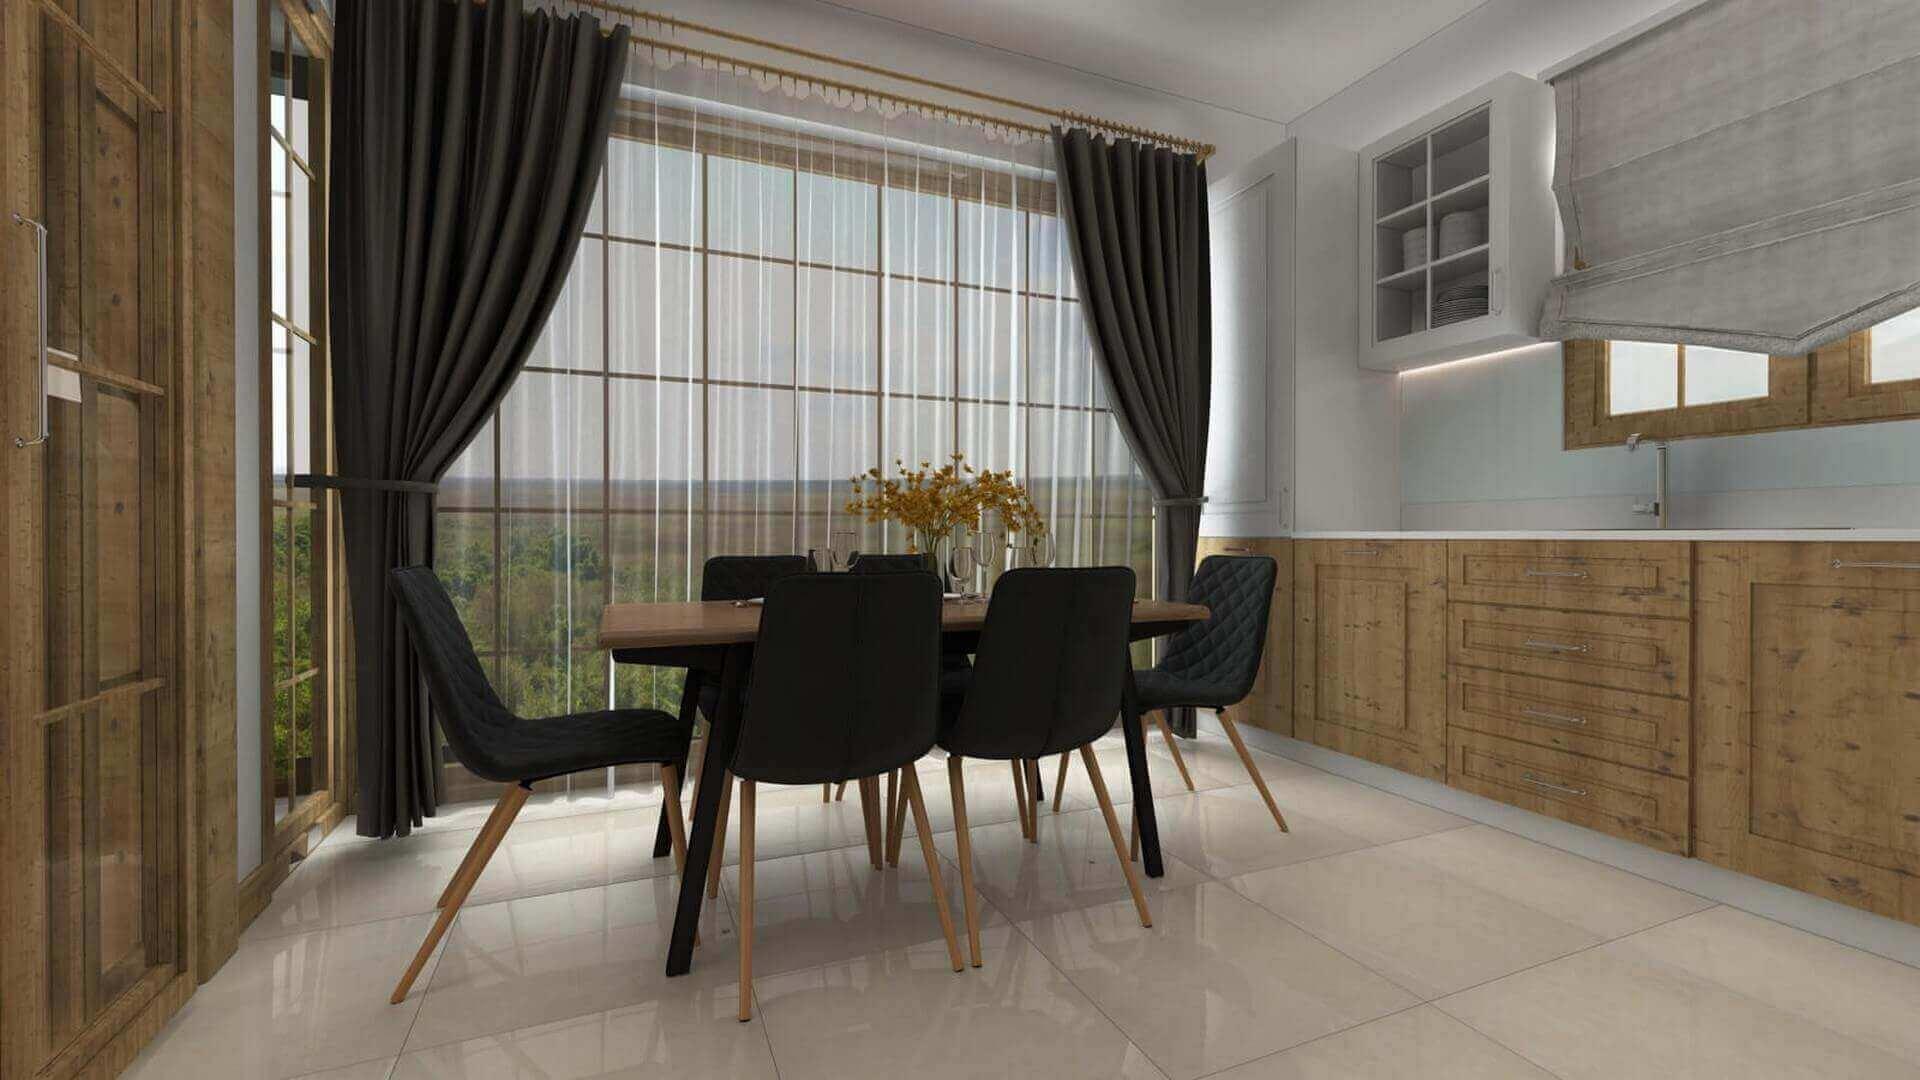 House interior design 3411 Ecological Village Muratli Residential